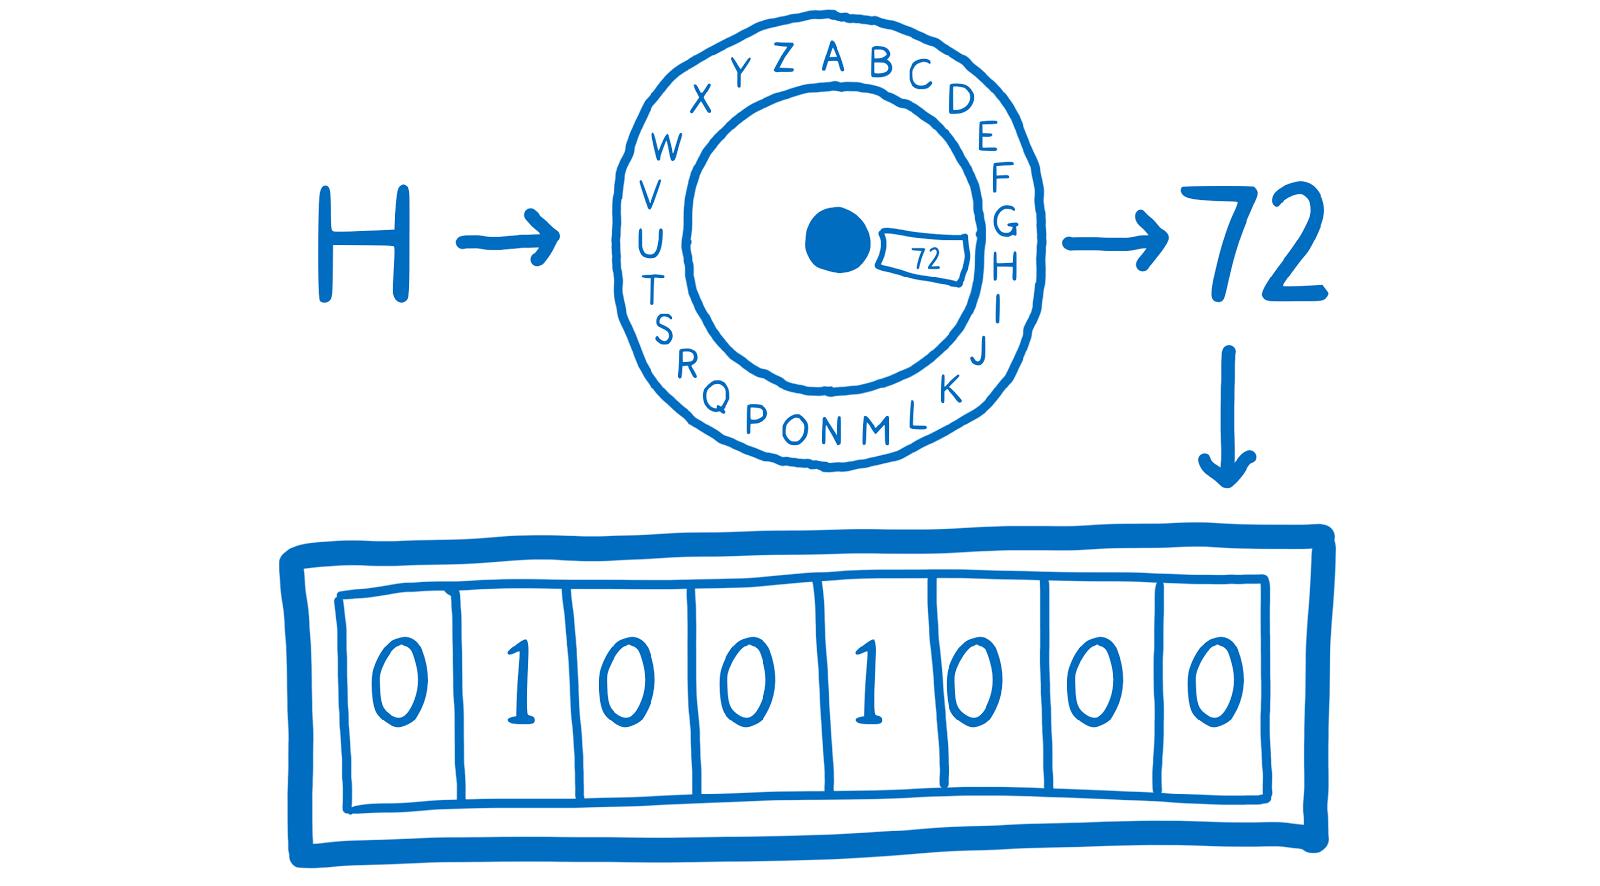 ArrayBuffer и SharedArrayBuffer в JavaScript, часть 1: краткий курс по управлению памятью - 5